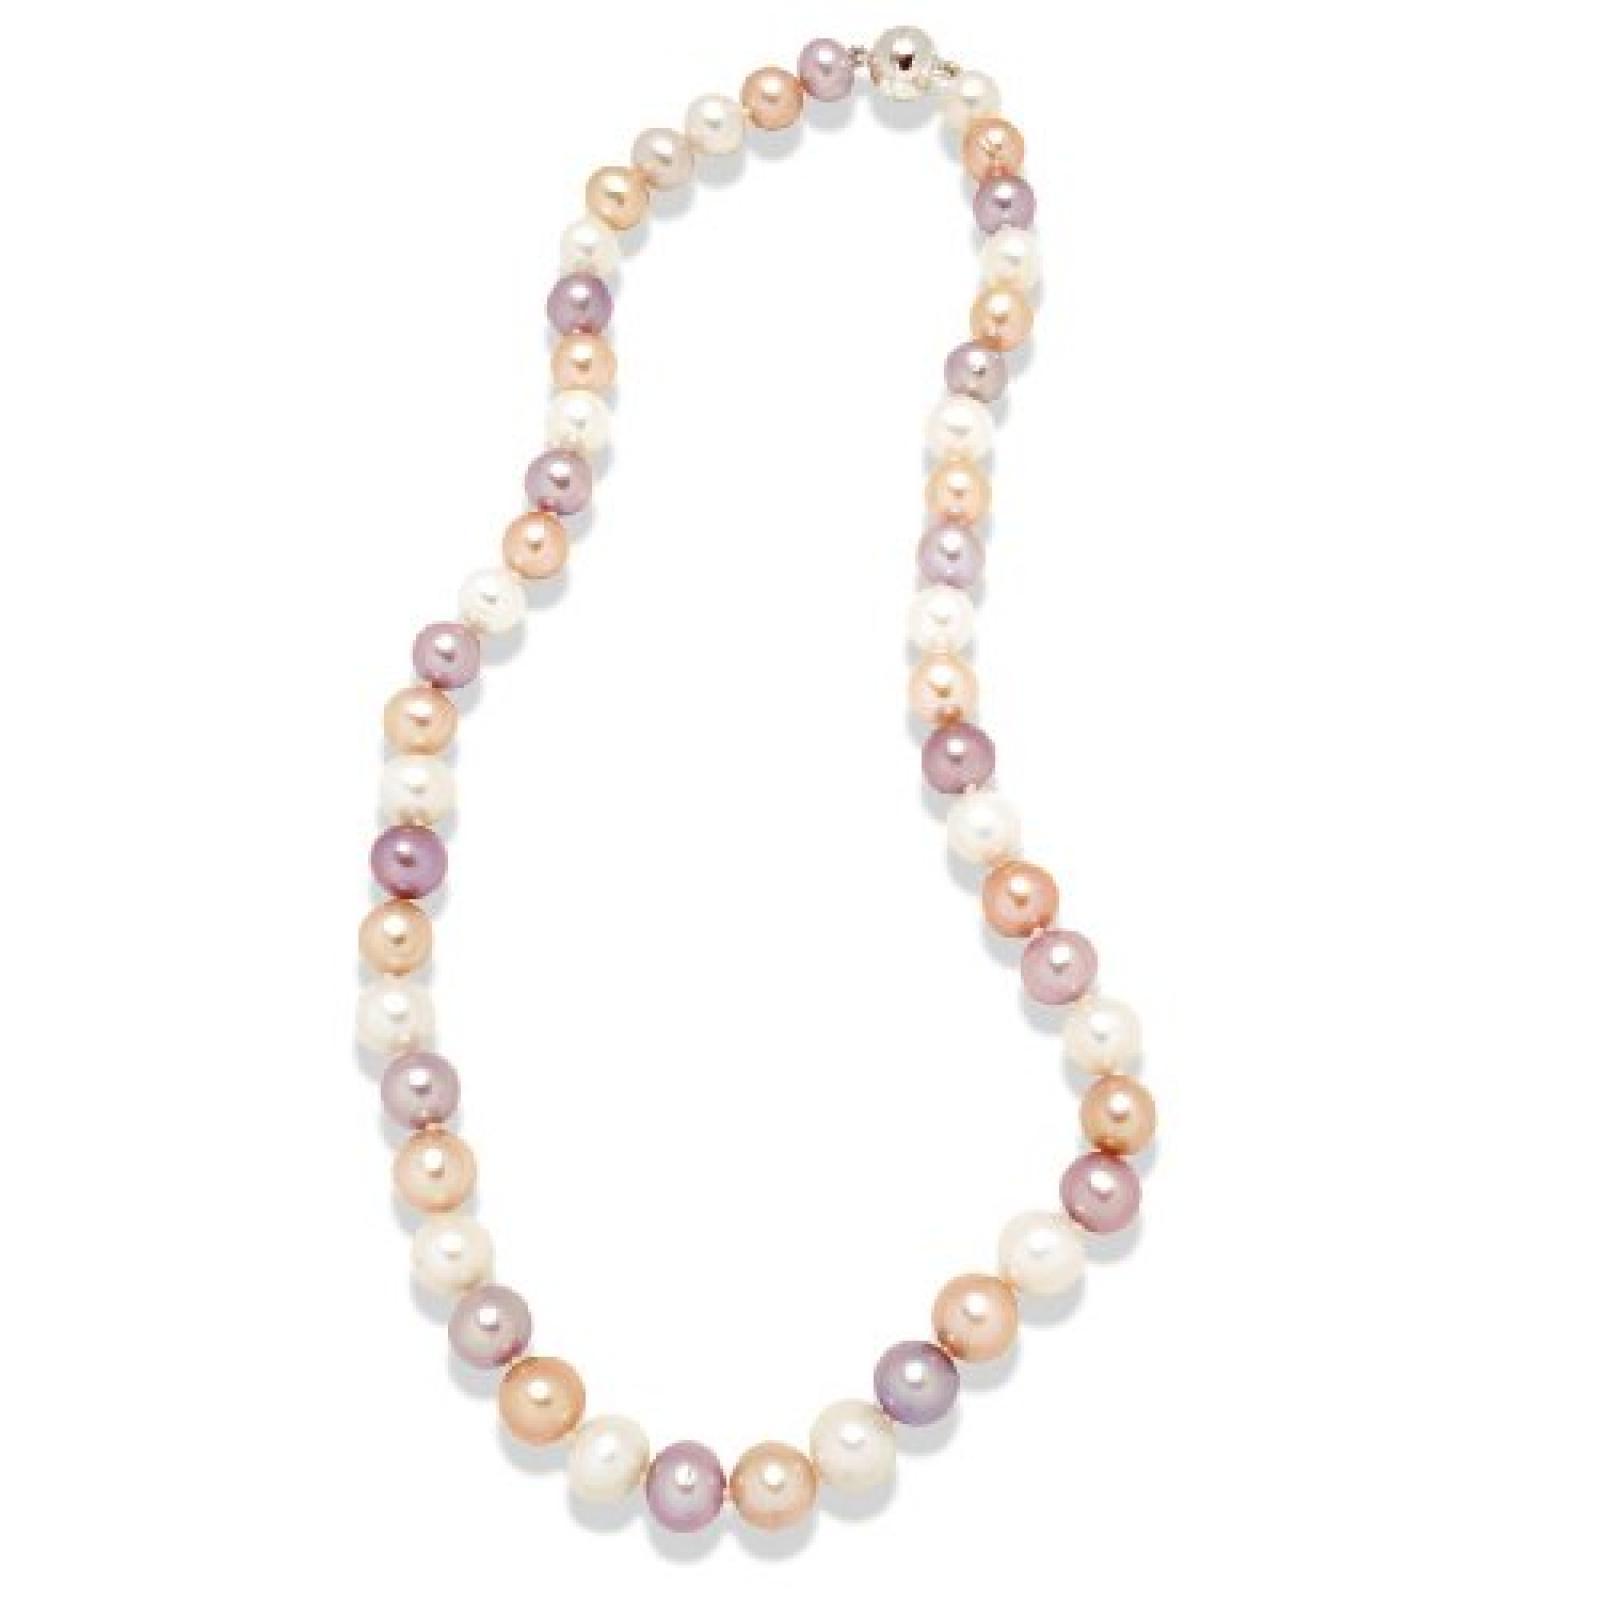 Valero Pearls Classic Collection Damen-Kette Hochwertige Süßwasser-Zuchtperlen in ca.  10 mm Rund weiß / apricot / flieder 925 Sterling Silber    52 cm   340325